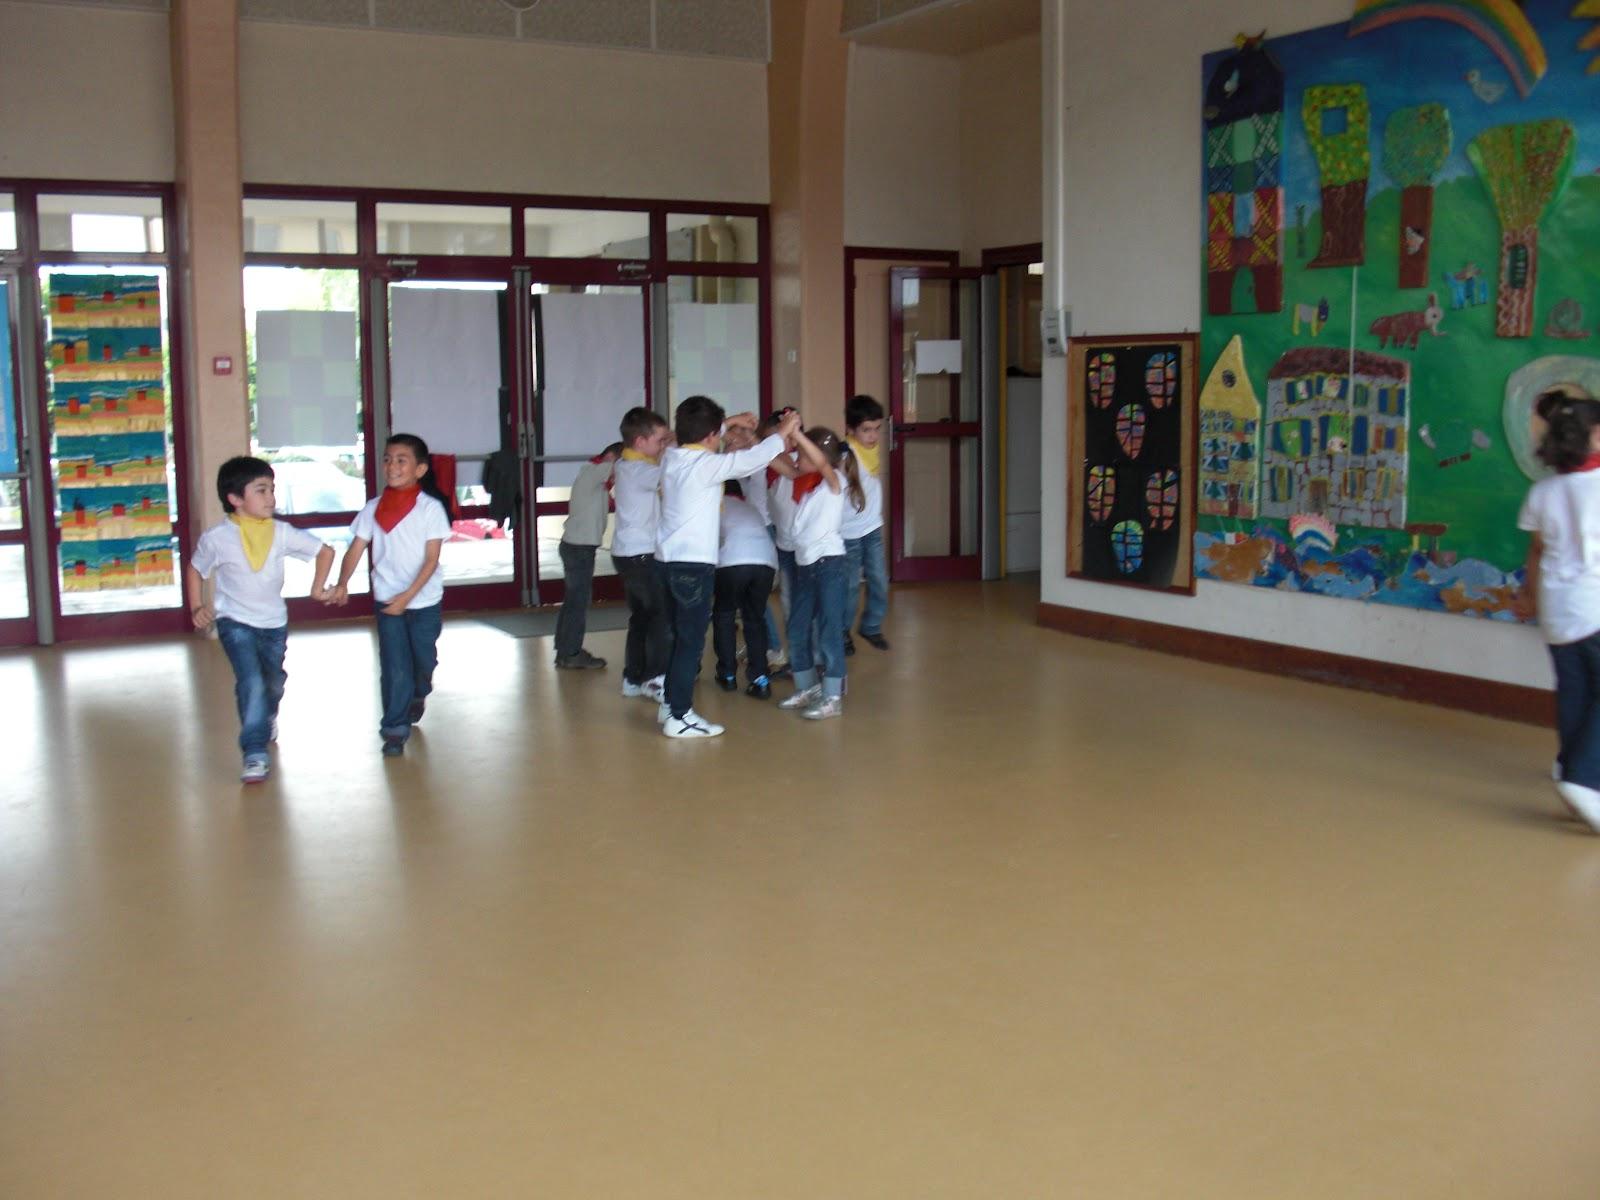 École Martin Nadaud Bourganeuf: Spectacle De Fin D'année intérieur Frere Jacques Anglais